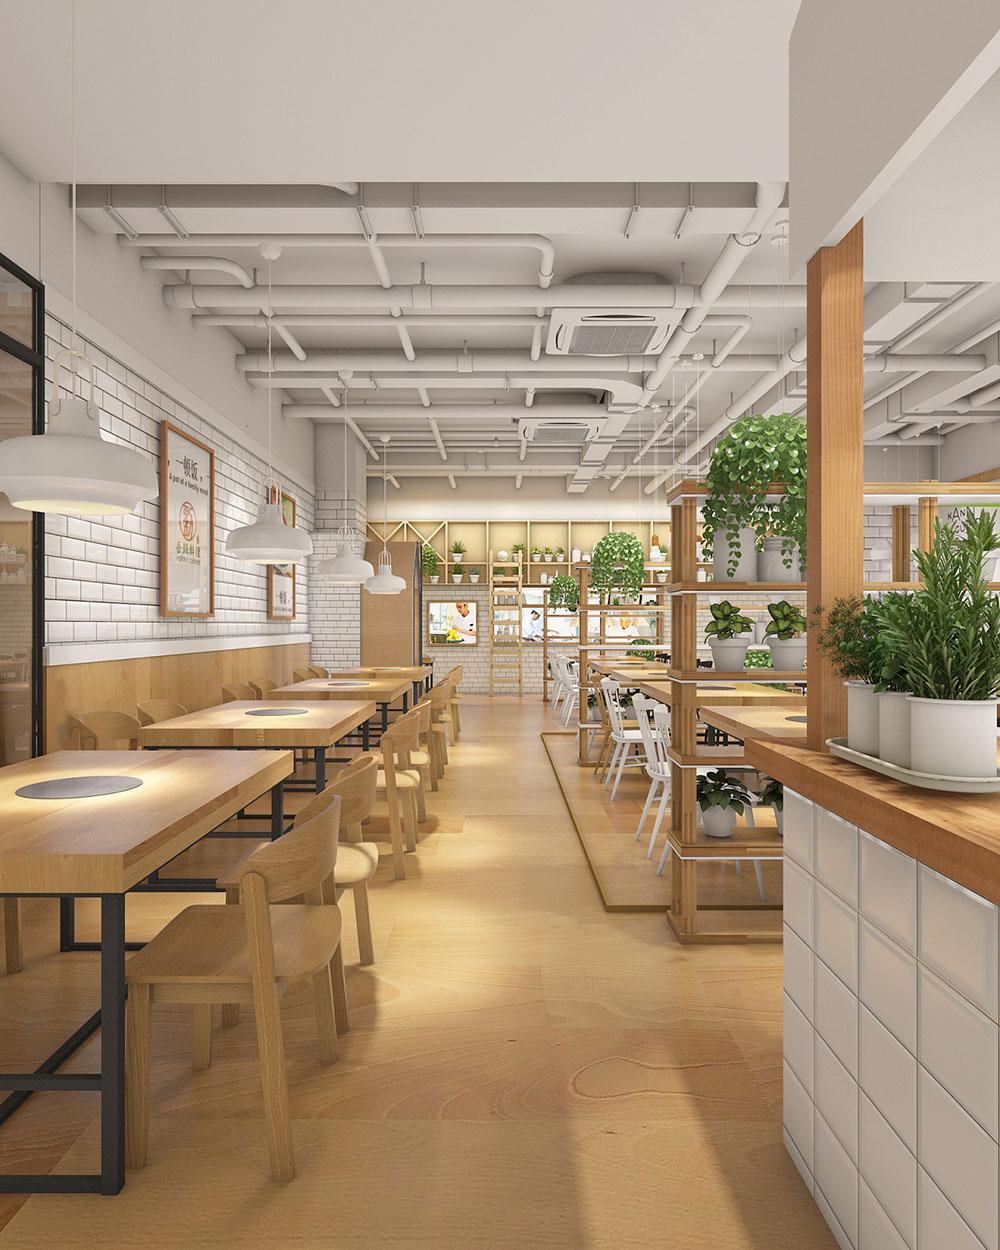 火锅料理店设计方案和效果图方案